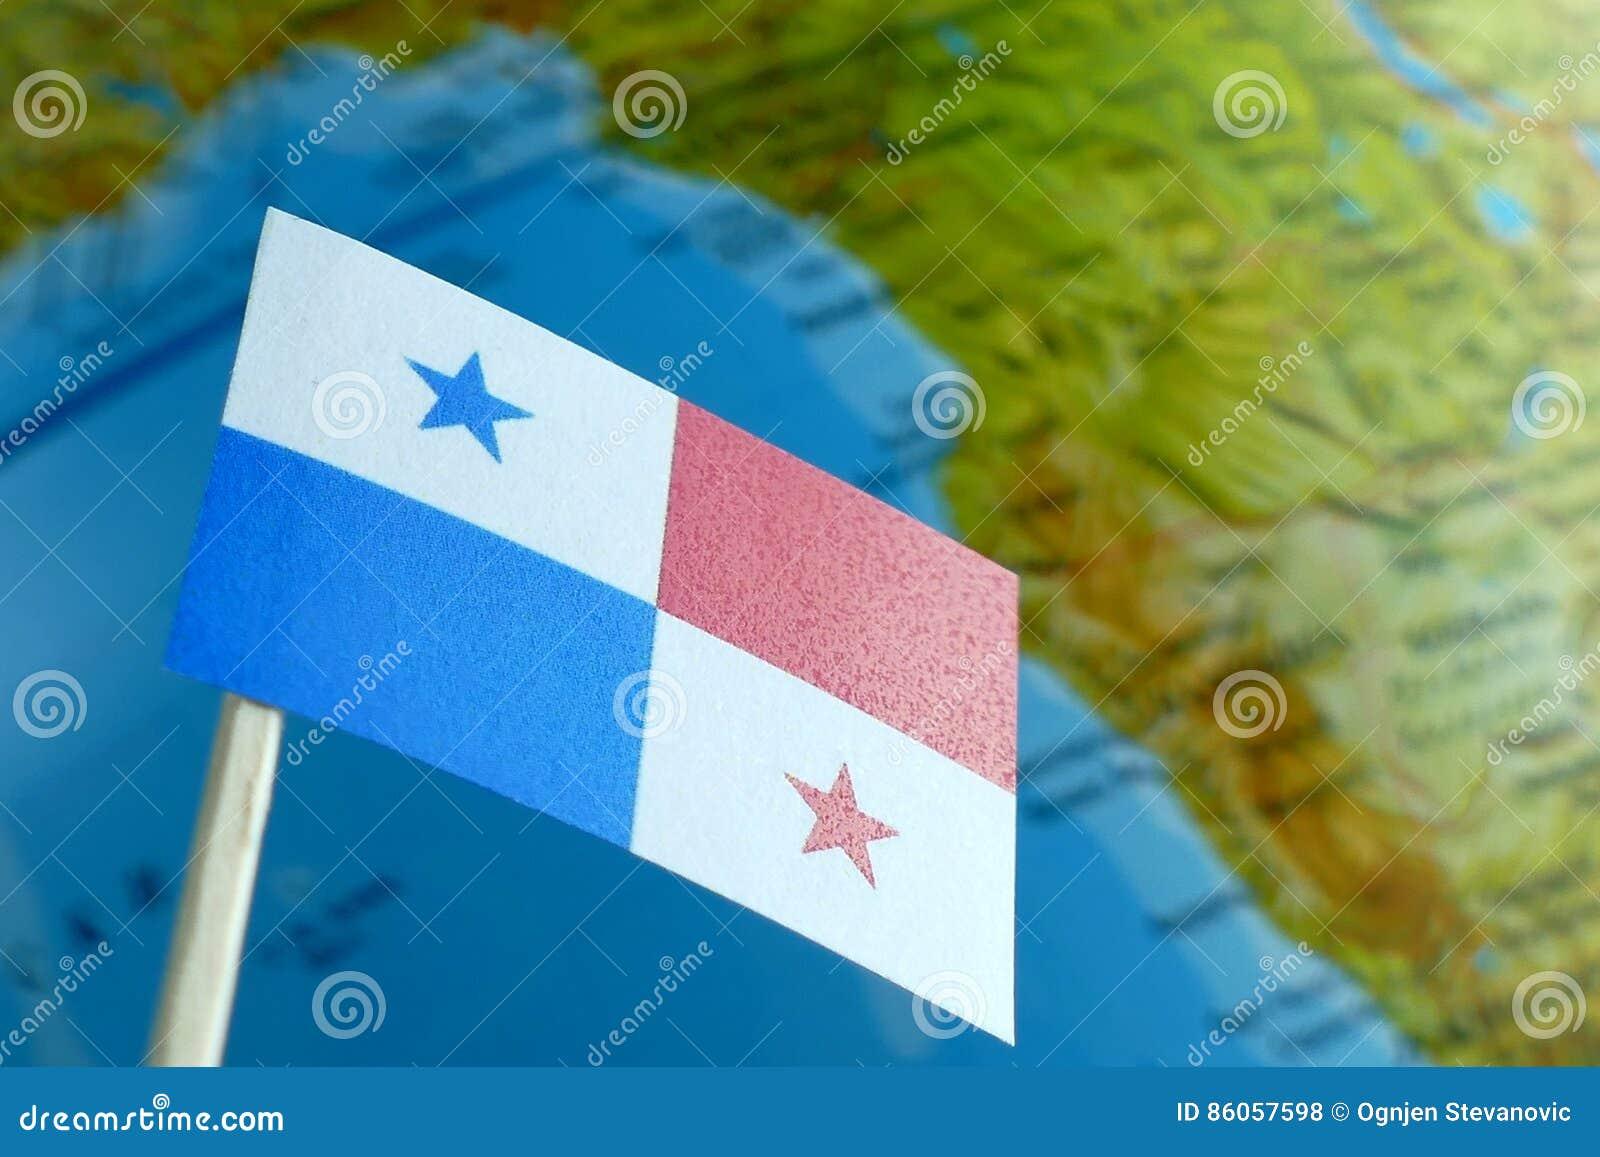 Panama-Flagge mit einer Kugelkarte als Hintergrund